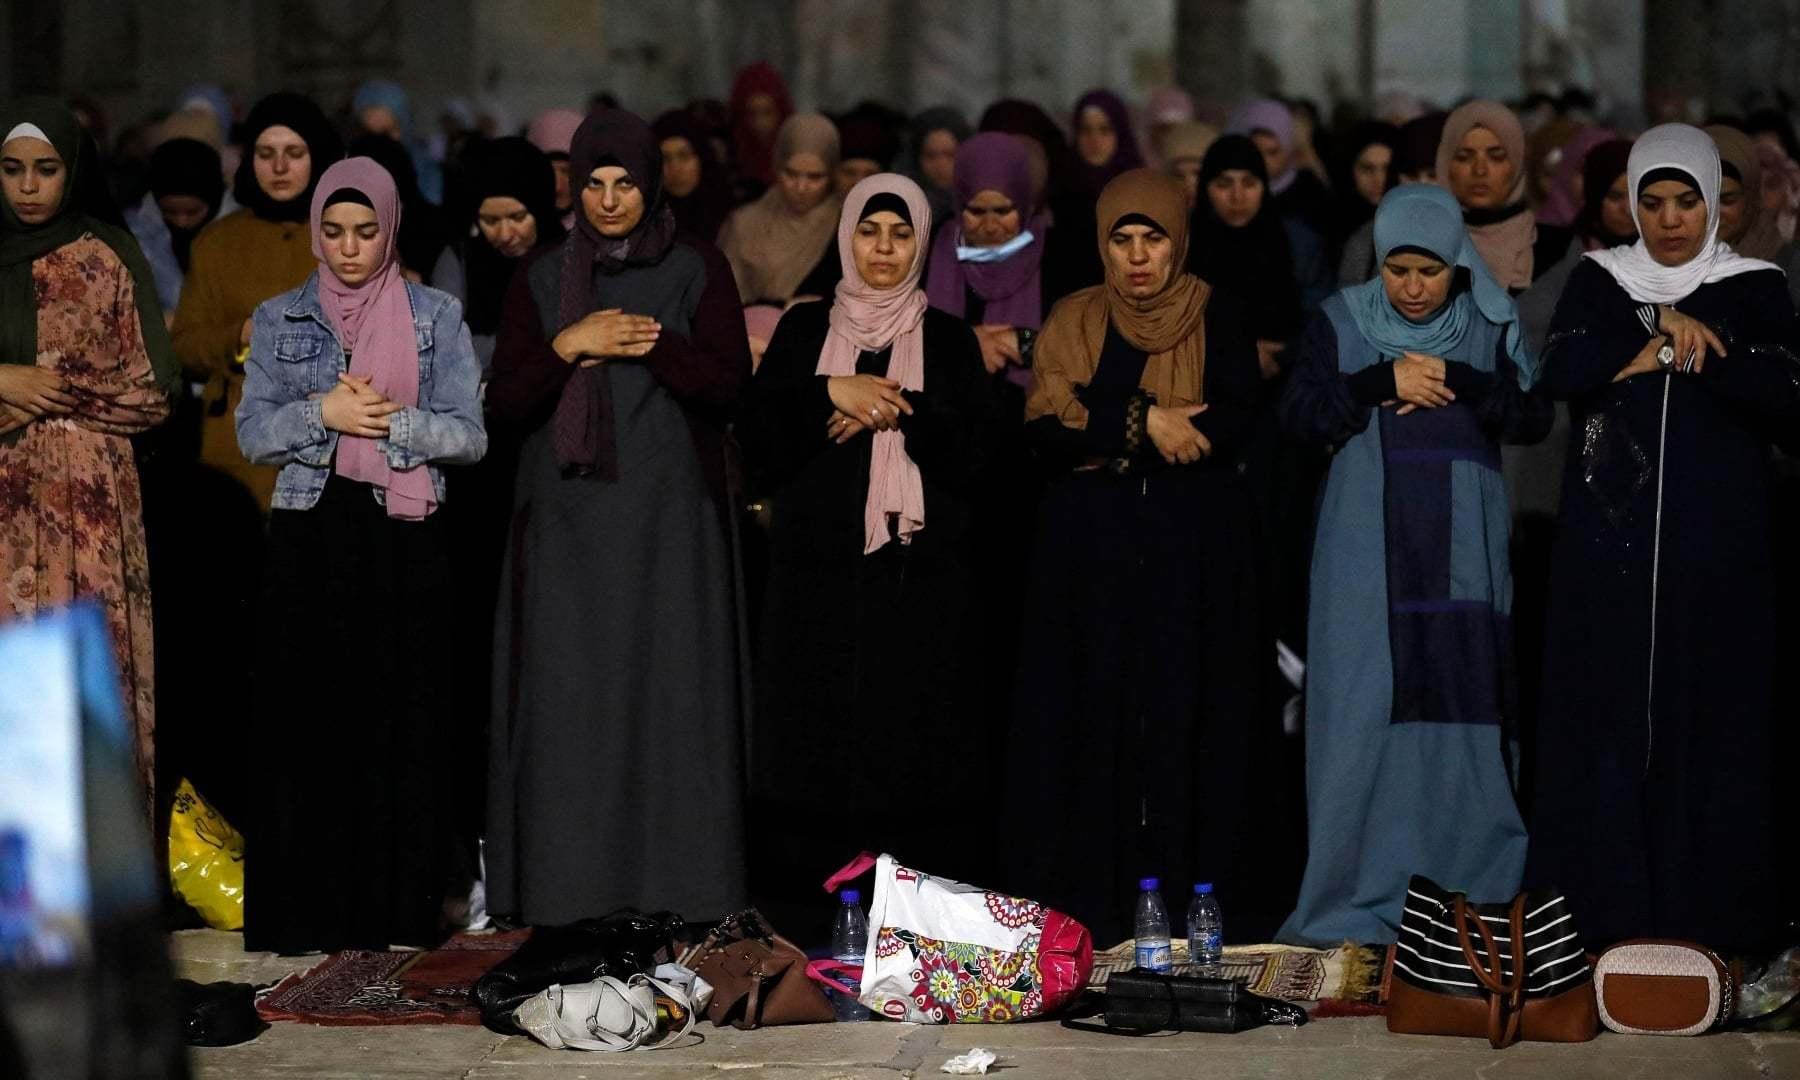 فلسطینی خواتین کی بڑی تعداد بھی مسجد اقصیٰ کے احاطے میں موجود تھیں—فوٹو: اے ایف پی